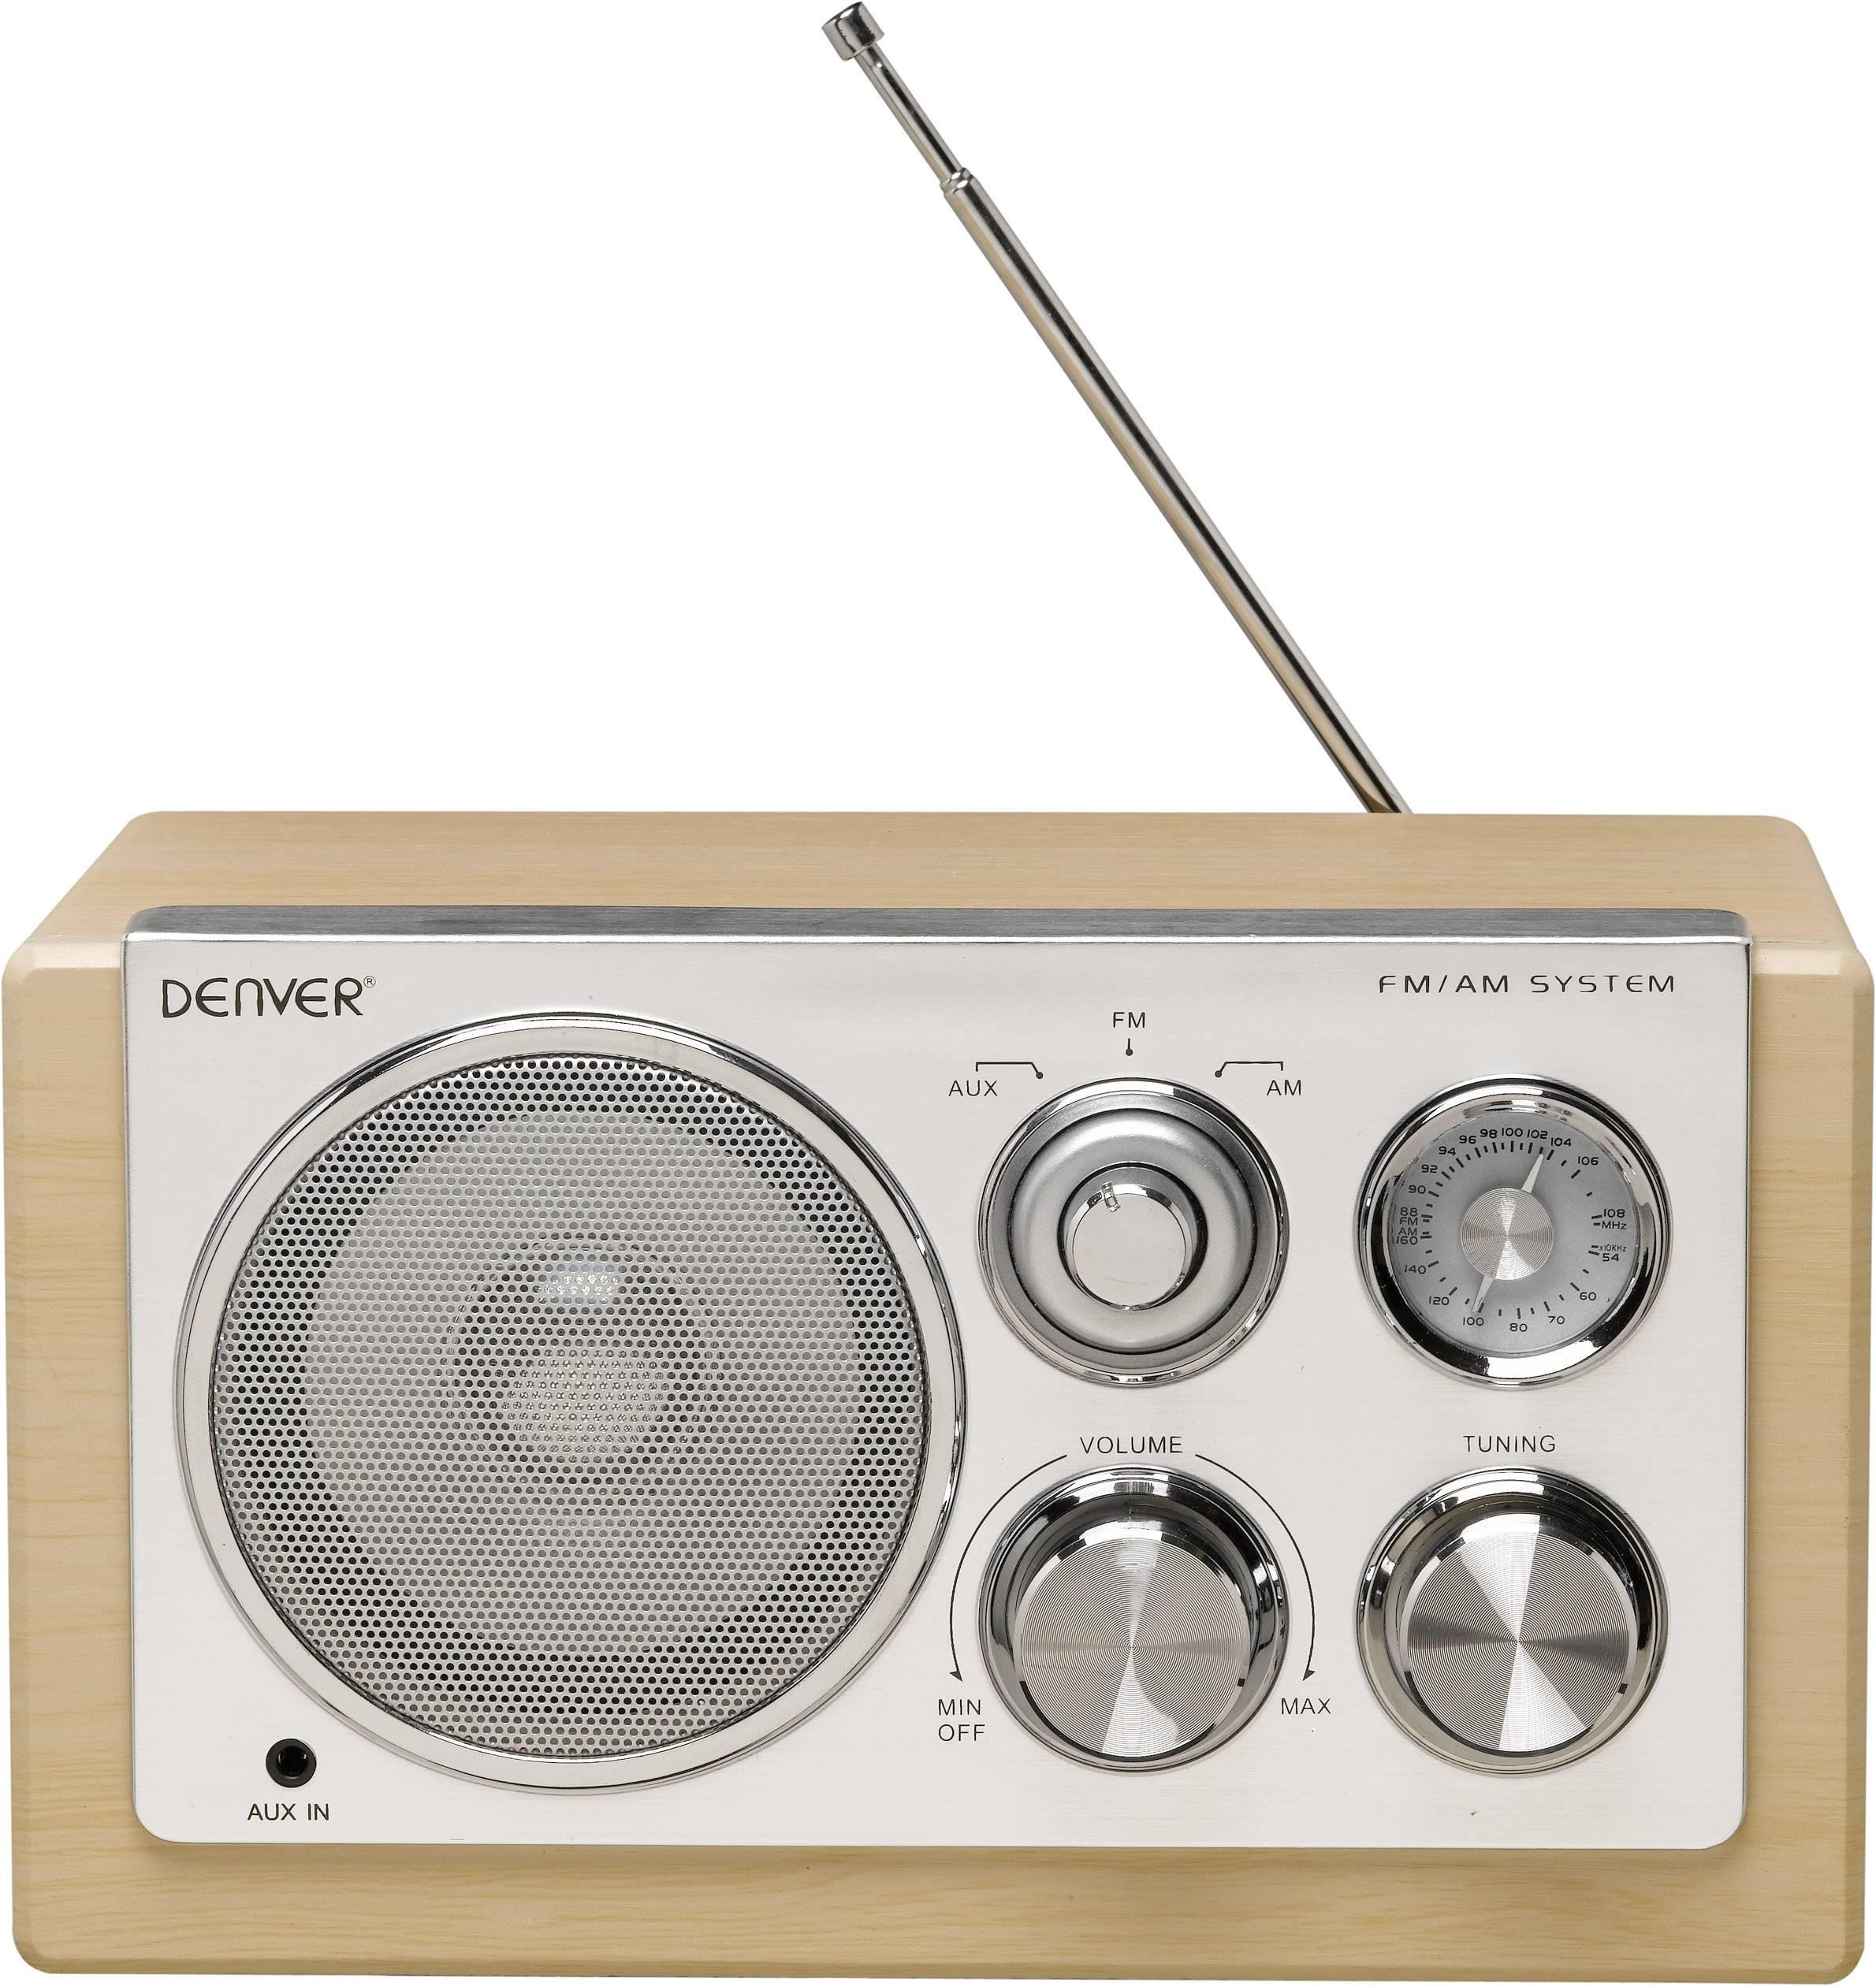 FM stolné rádio Denver TR-61, AUX, MW, UKW, drevo